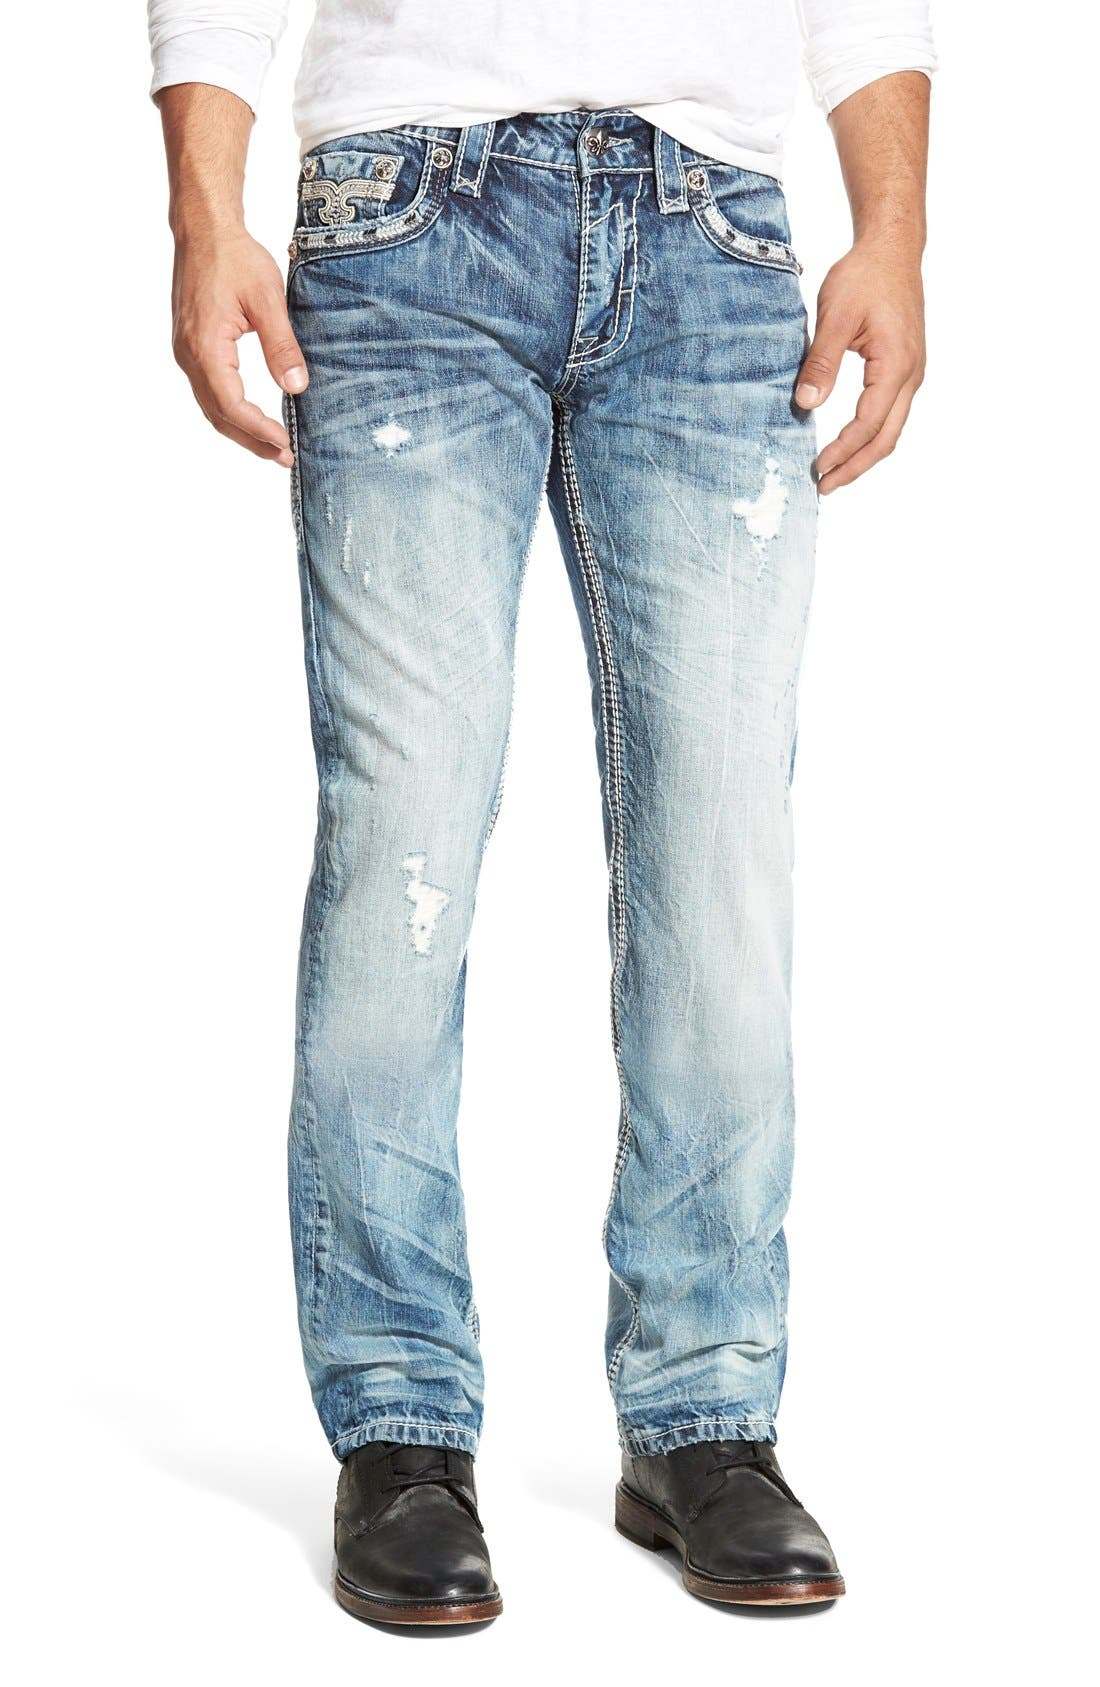 ROCK REVIVAL 'Emmet' Straight Leg Jeans, Main, color, 431